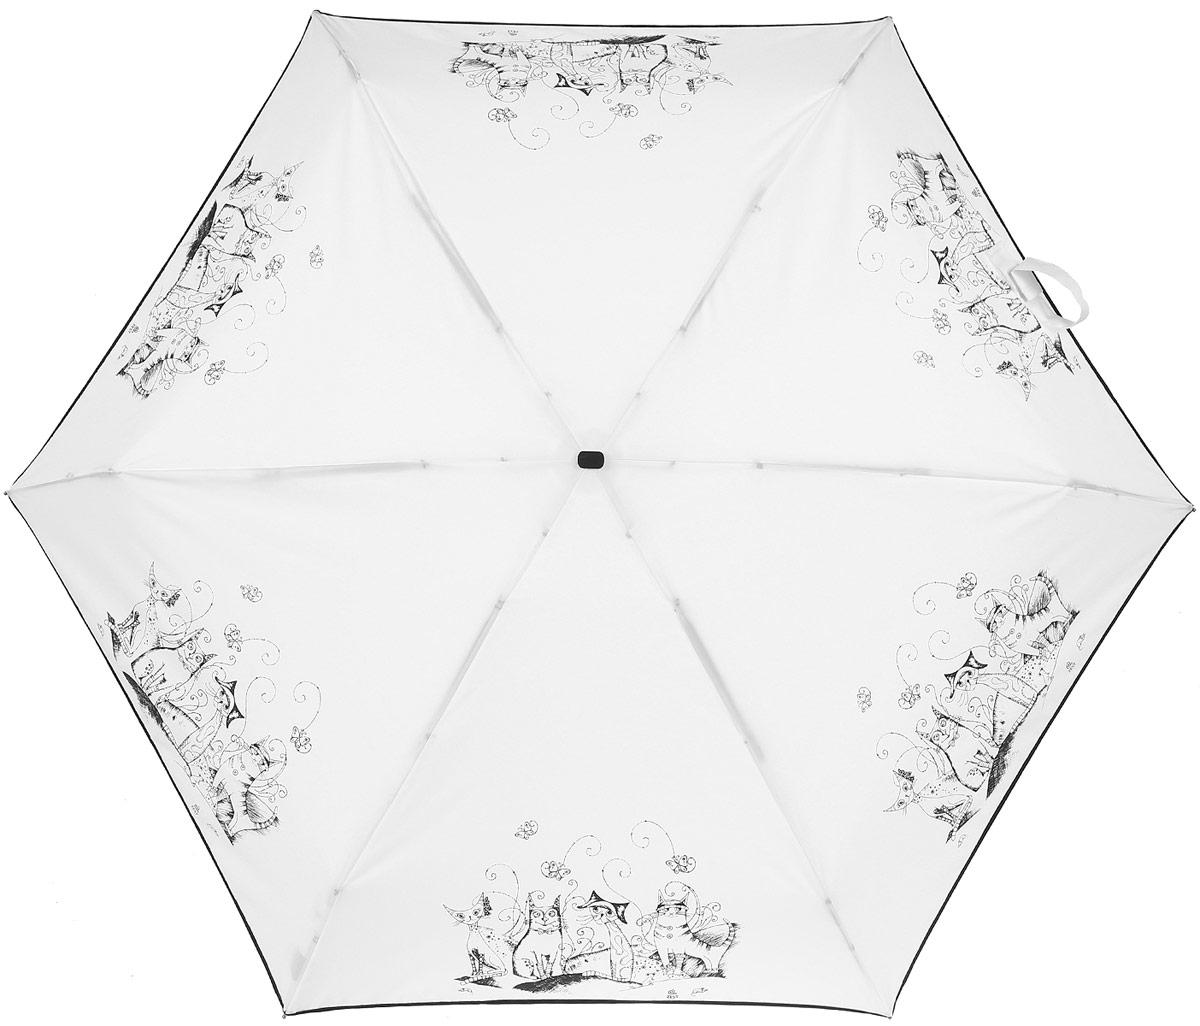 Зонт женский Zest, механический, 5 сложений, цвет: черный, белый. 25569-00503.7-12 navyКомпактный женский зонт Zest выполнен из металла, пластика и оформлен ярким принтом.Каркас зонта выполнен из шести спиц на прочном стержне. На концах спиц предусмотрены металлические элементы, которые защитят владельца от травм. Купол зонта изготовлен прочного полиэстера. Закрытый купол застегивается на липучку хлястиком. Практичная рукоятка закругленной формы разработана с учетом требований эргономики и выполнена из пластика.Зонт складывается и раскладывается механическим способом.Такой зонт не только надежно защитит от дождя, но и станет стильным аксессуаром.